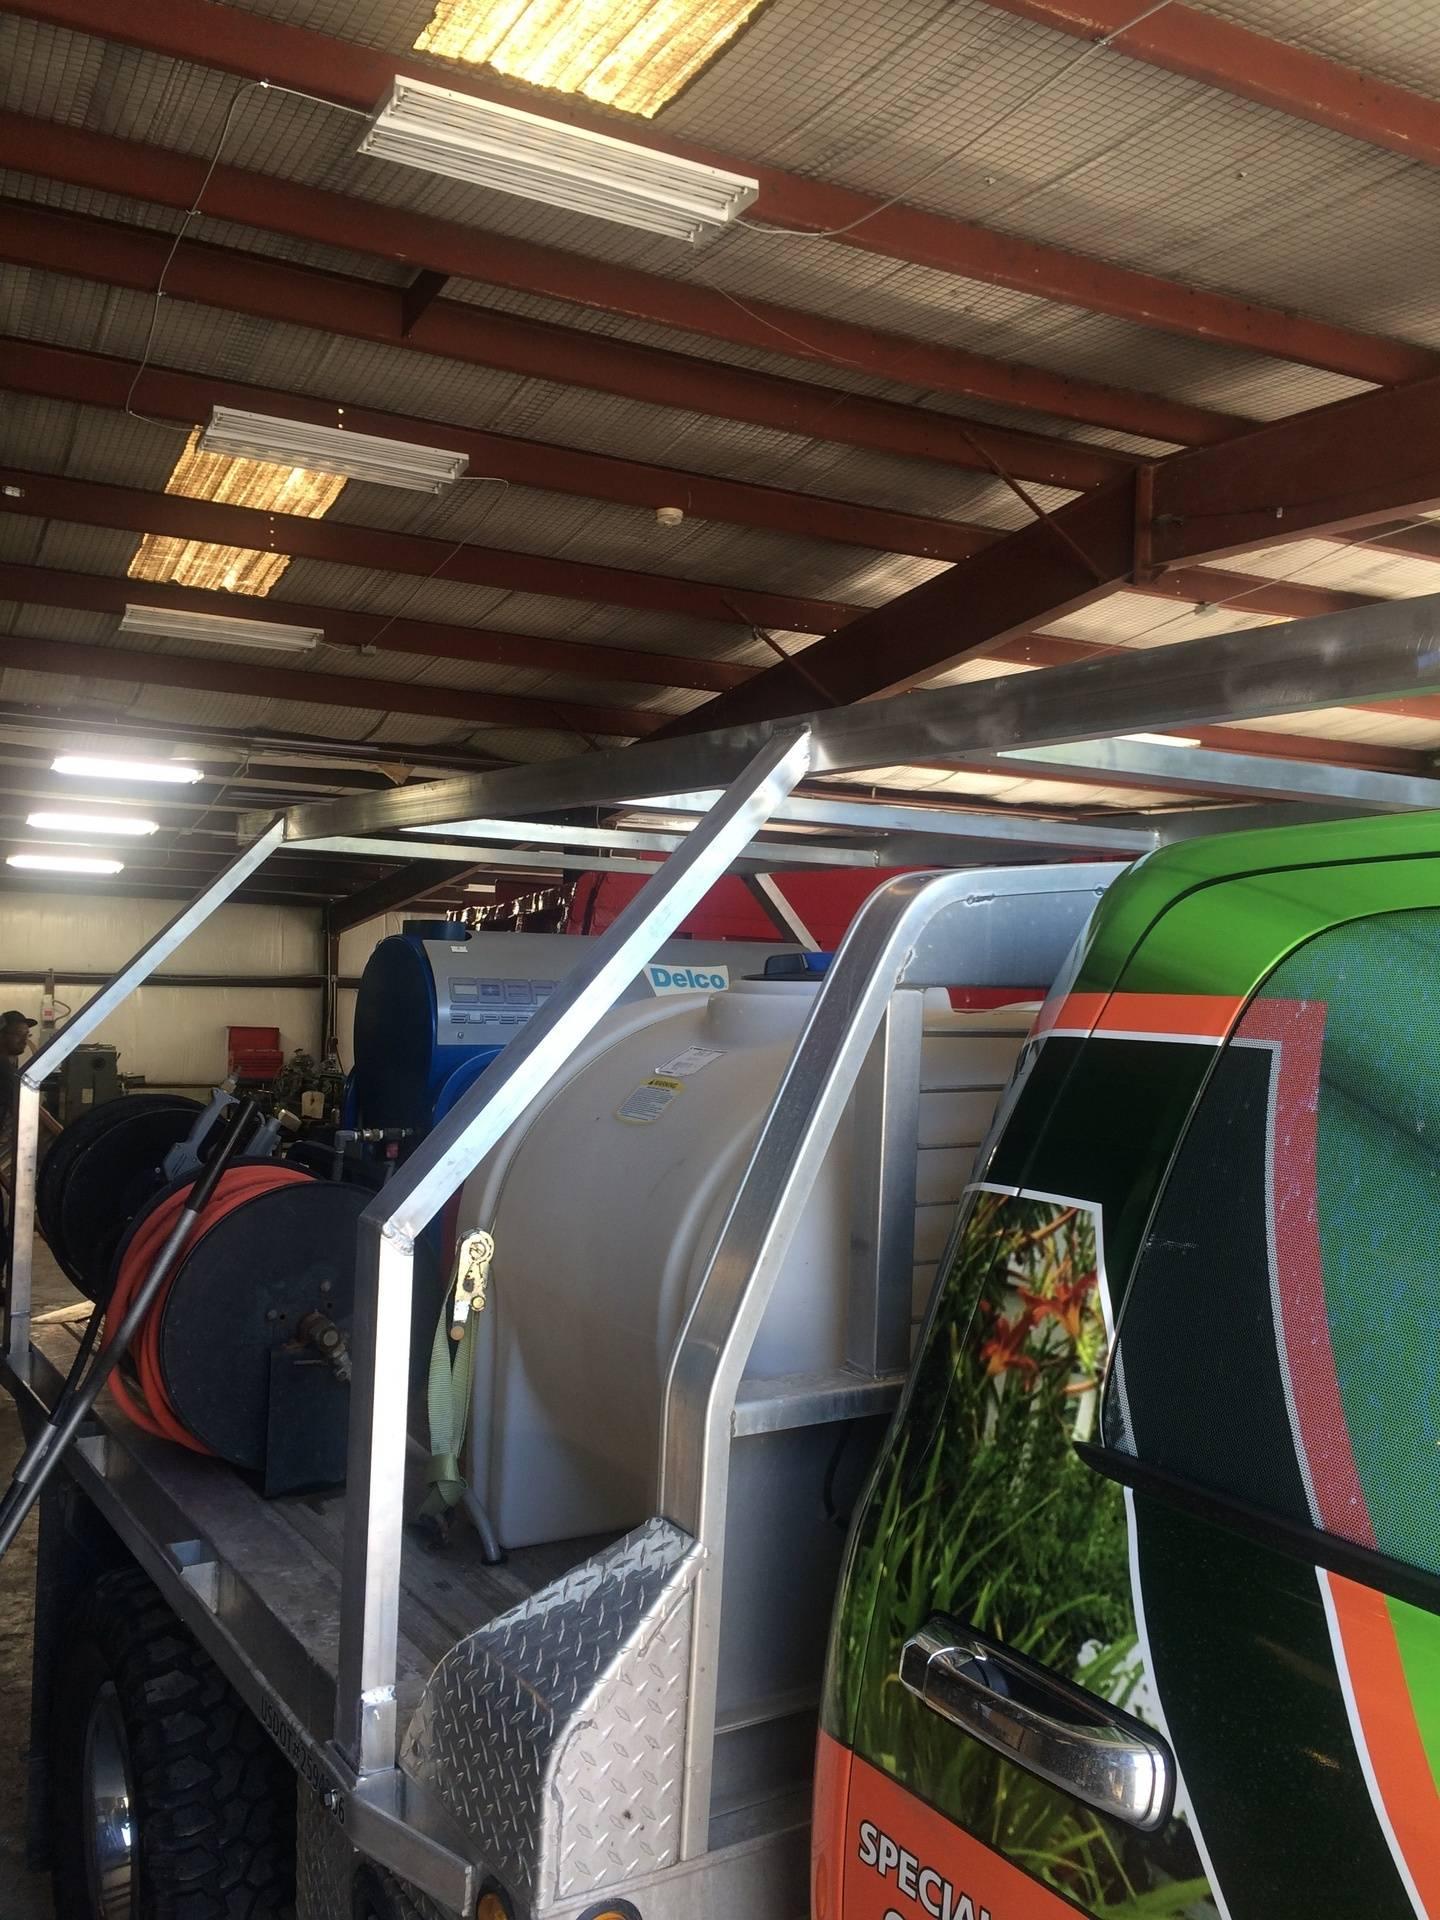 Ladder Rack on Customer's Truck